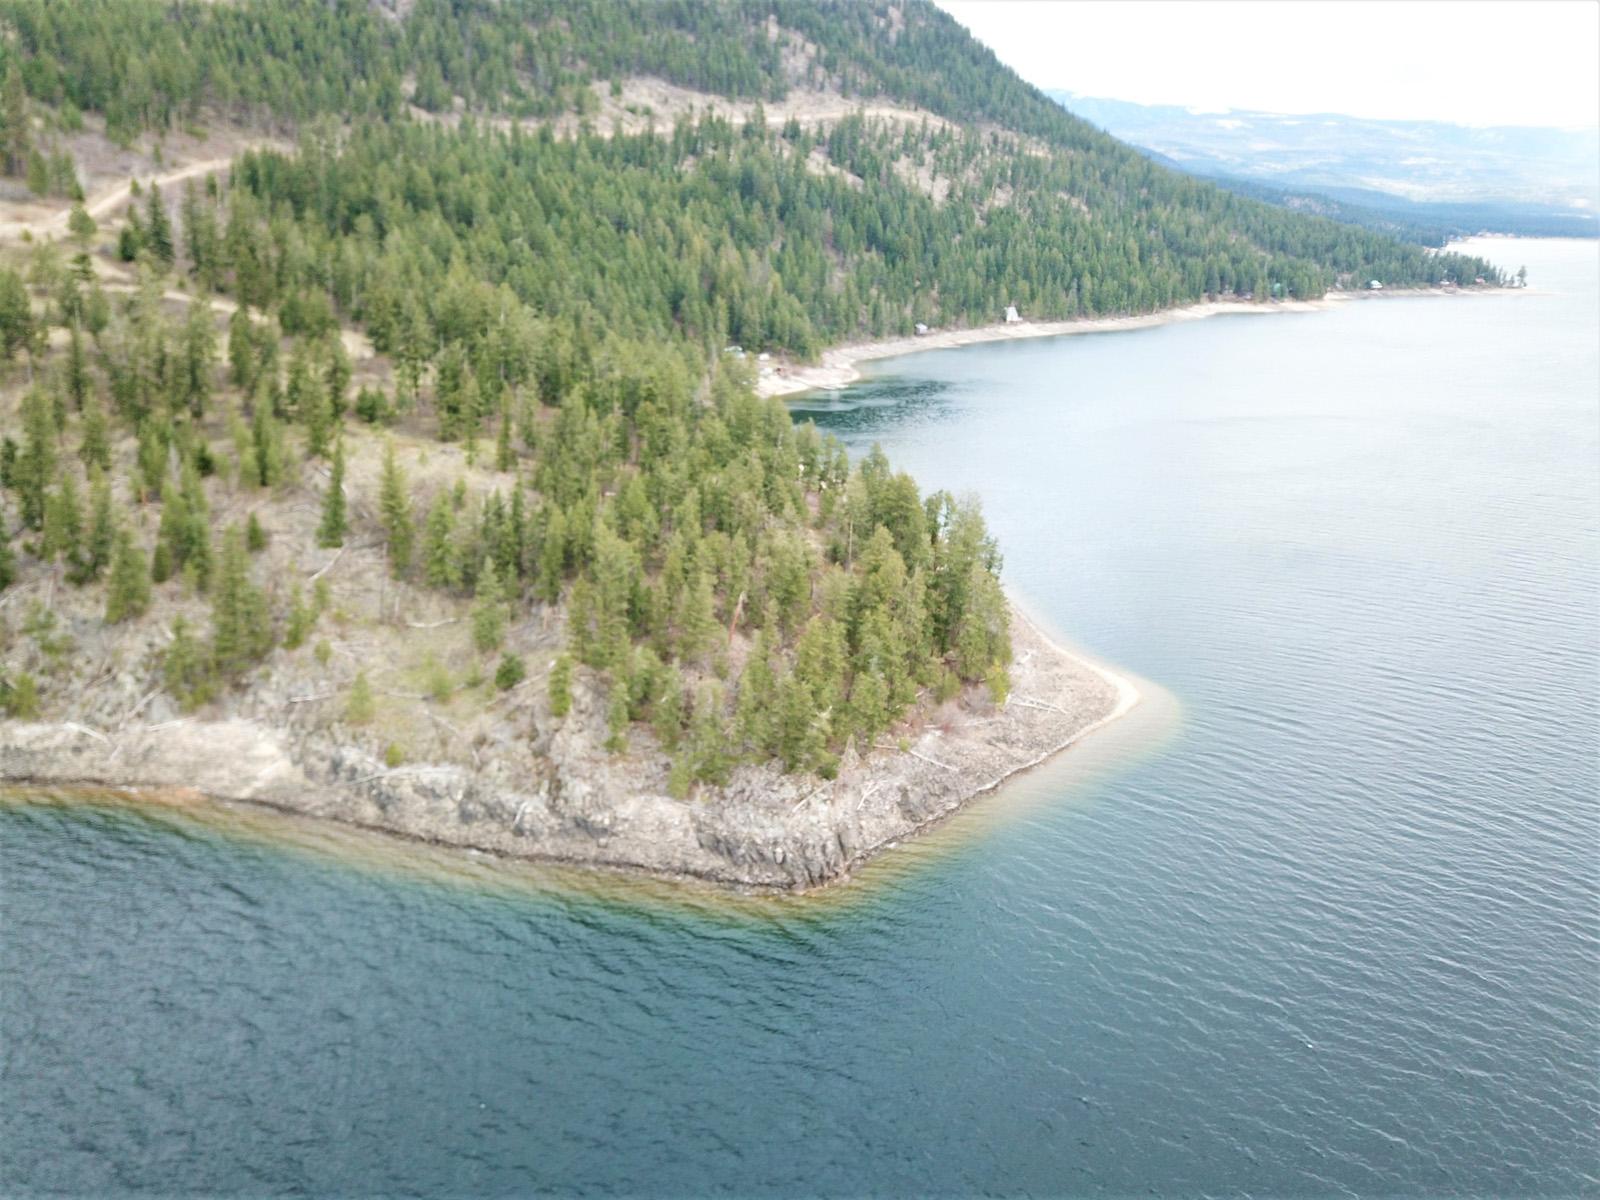 Little shuswap lake 10